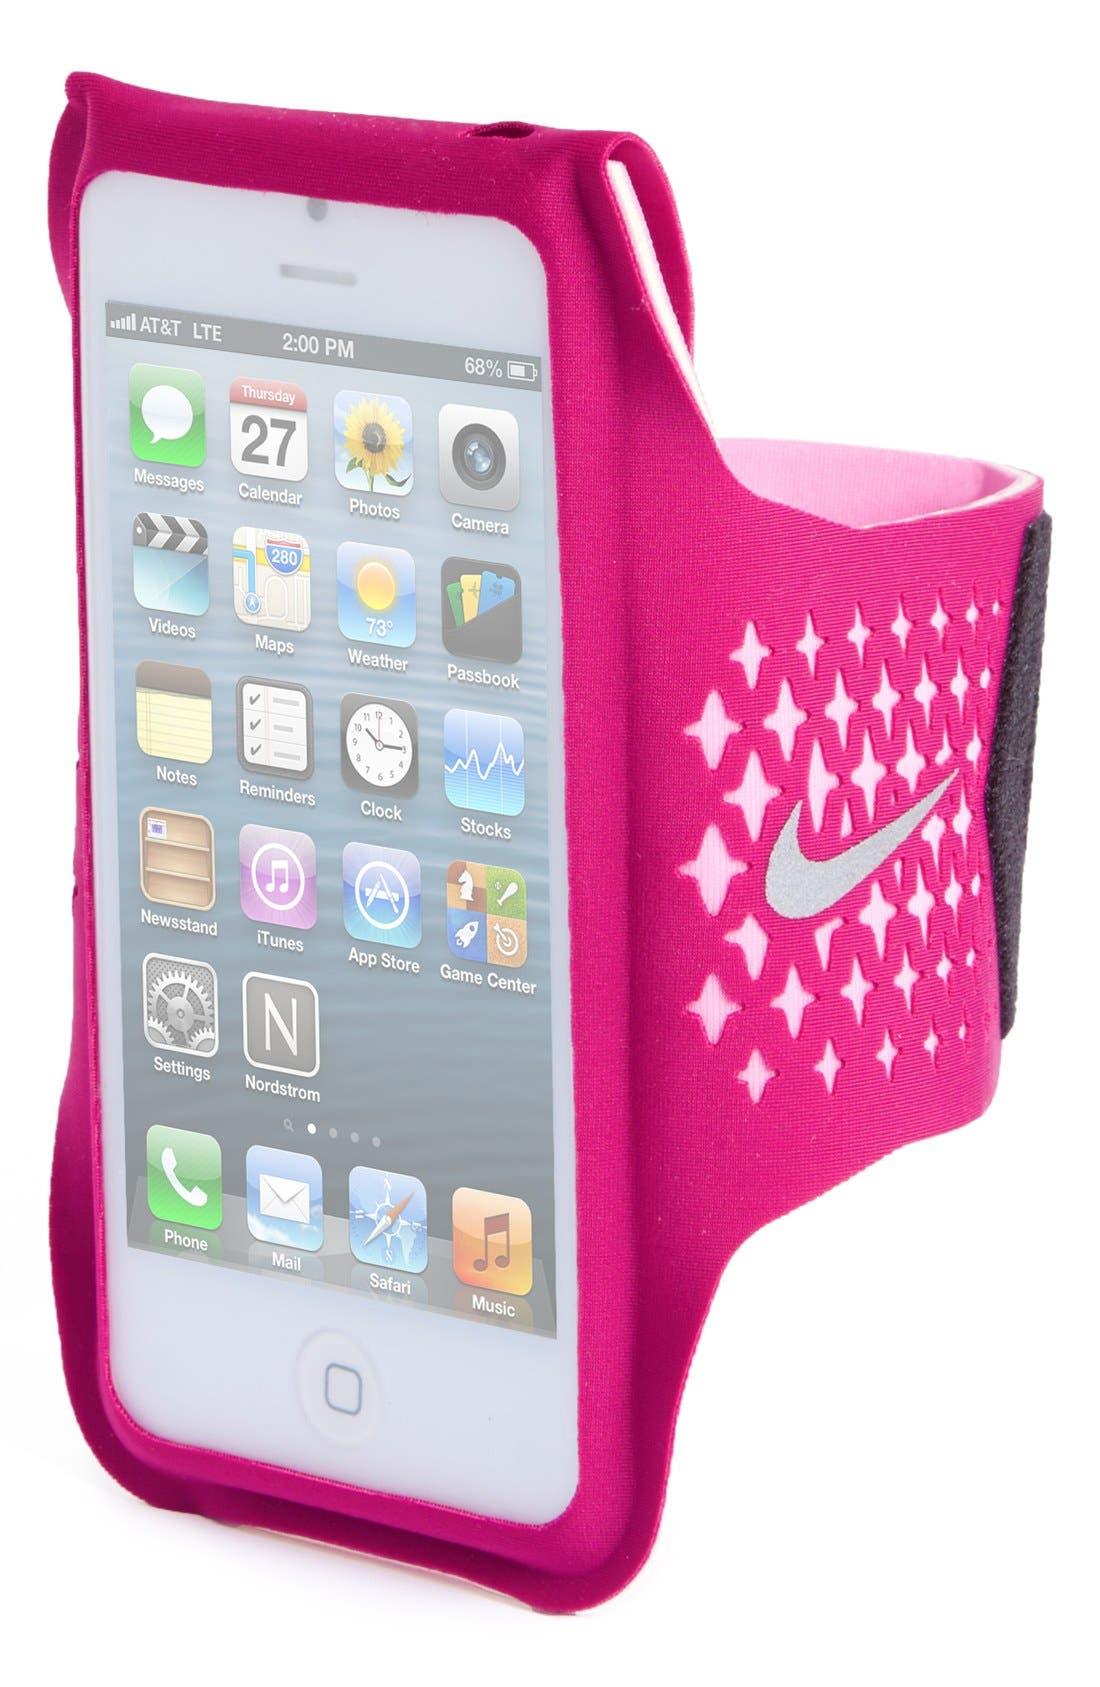 Alternate Image 1 Selected - Nike 'Diamond' iPhone 5 Armband